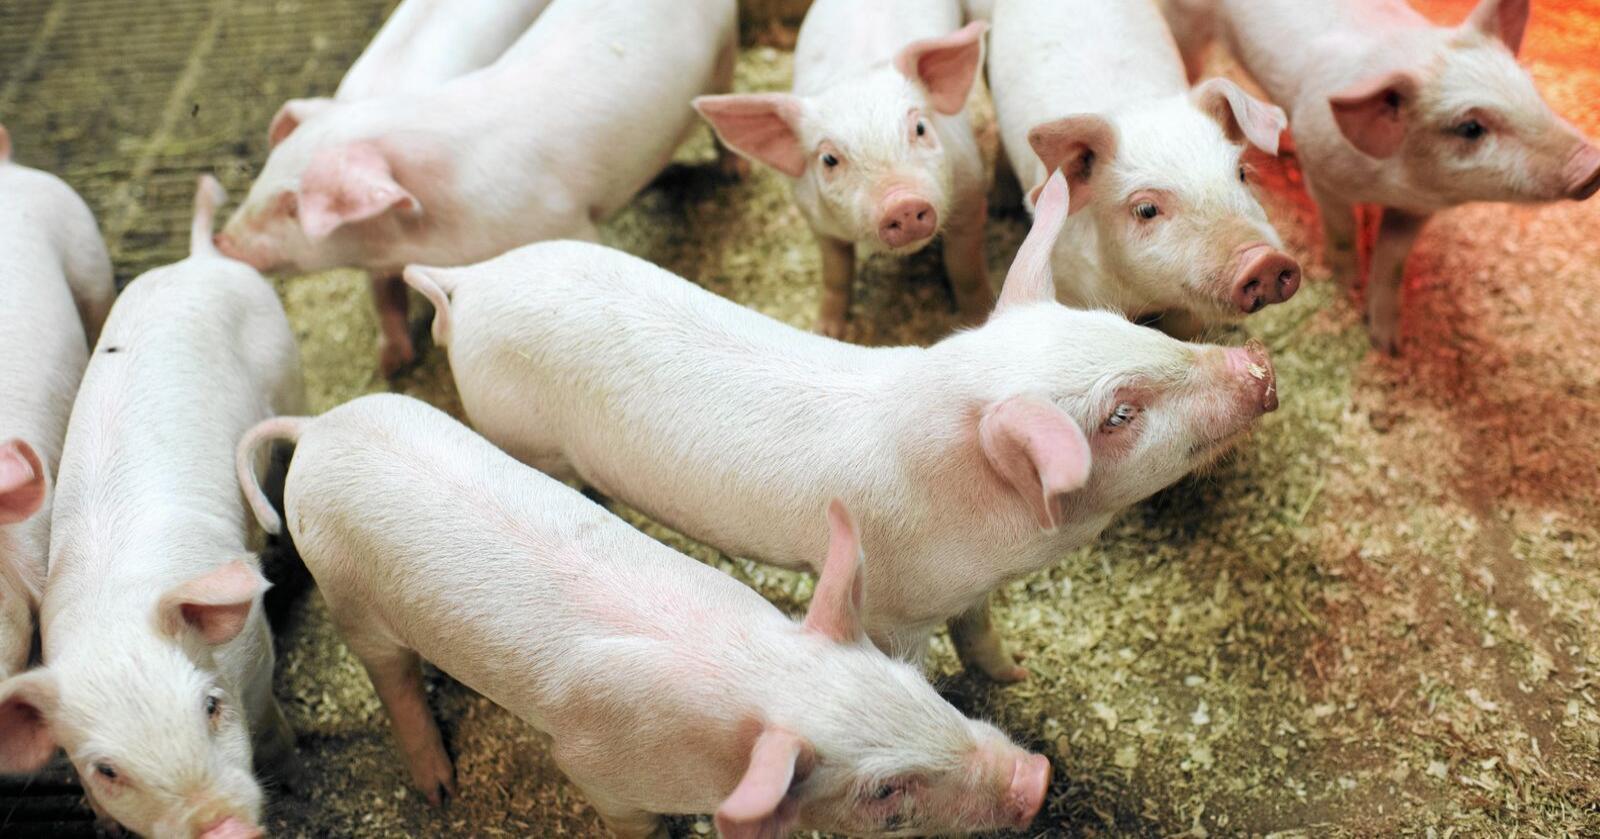 Saneres: Svinebesetninger som blir smittet av LA-MRSA slaktes ned, og grisehusene må gjennom et omfattende saneringsprogram. Foto: Ketil Blom Haugstulen